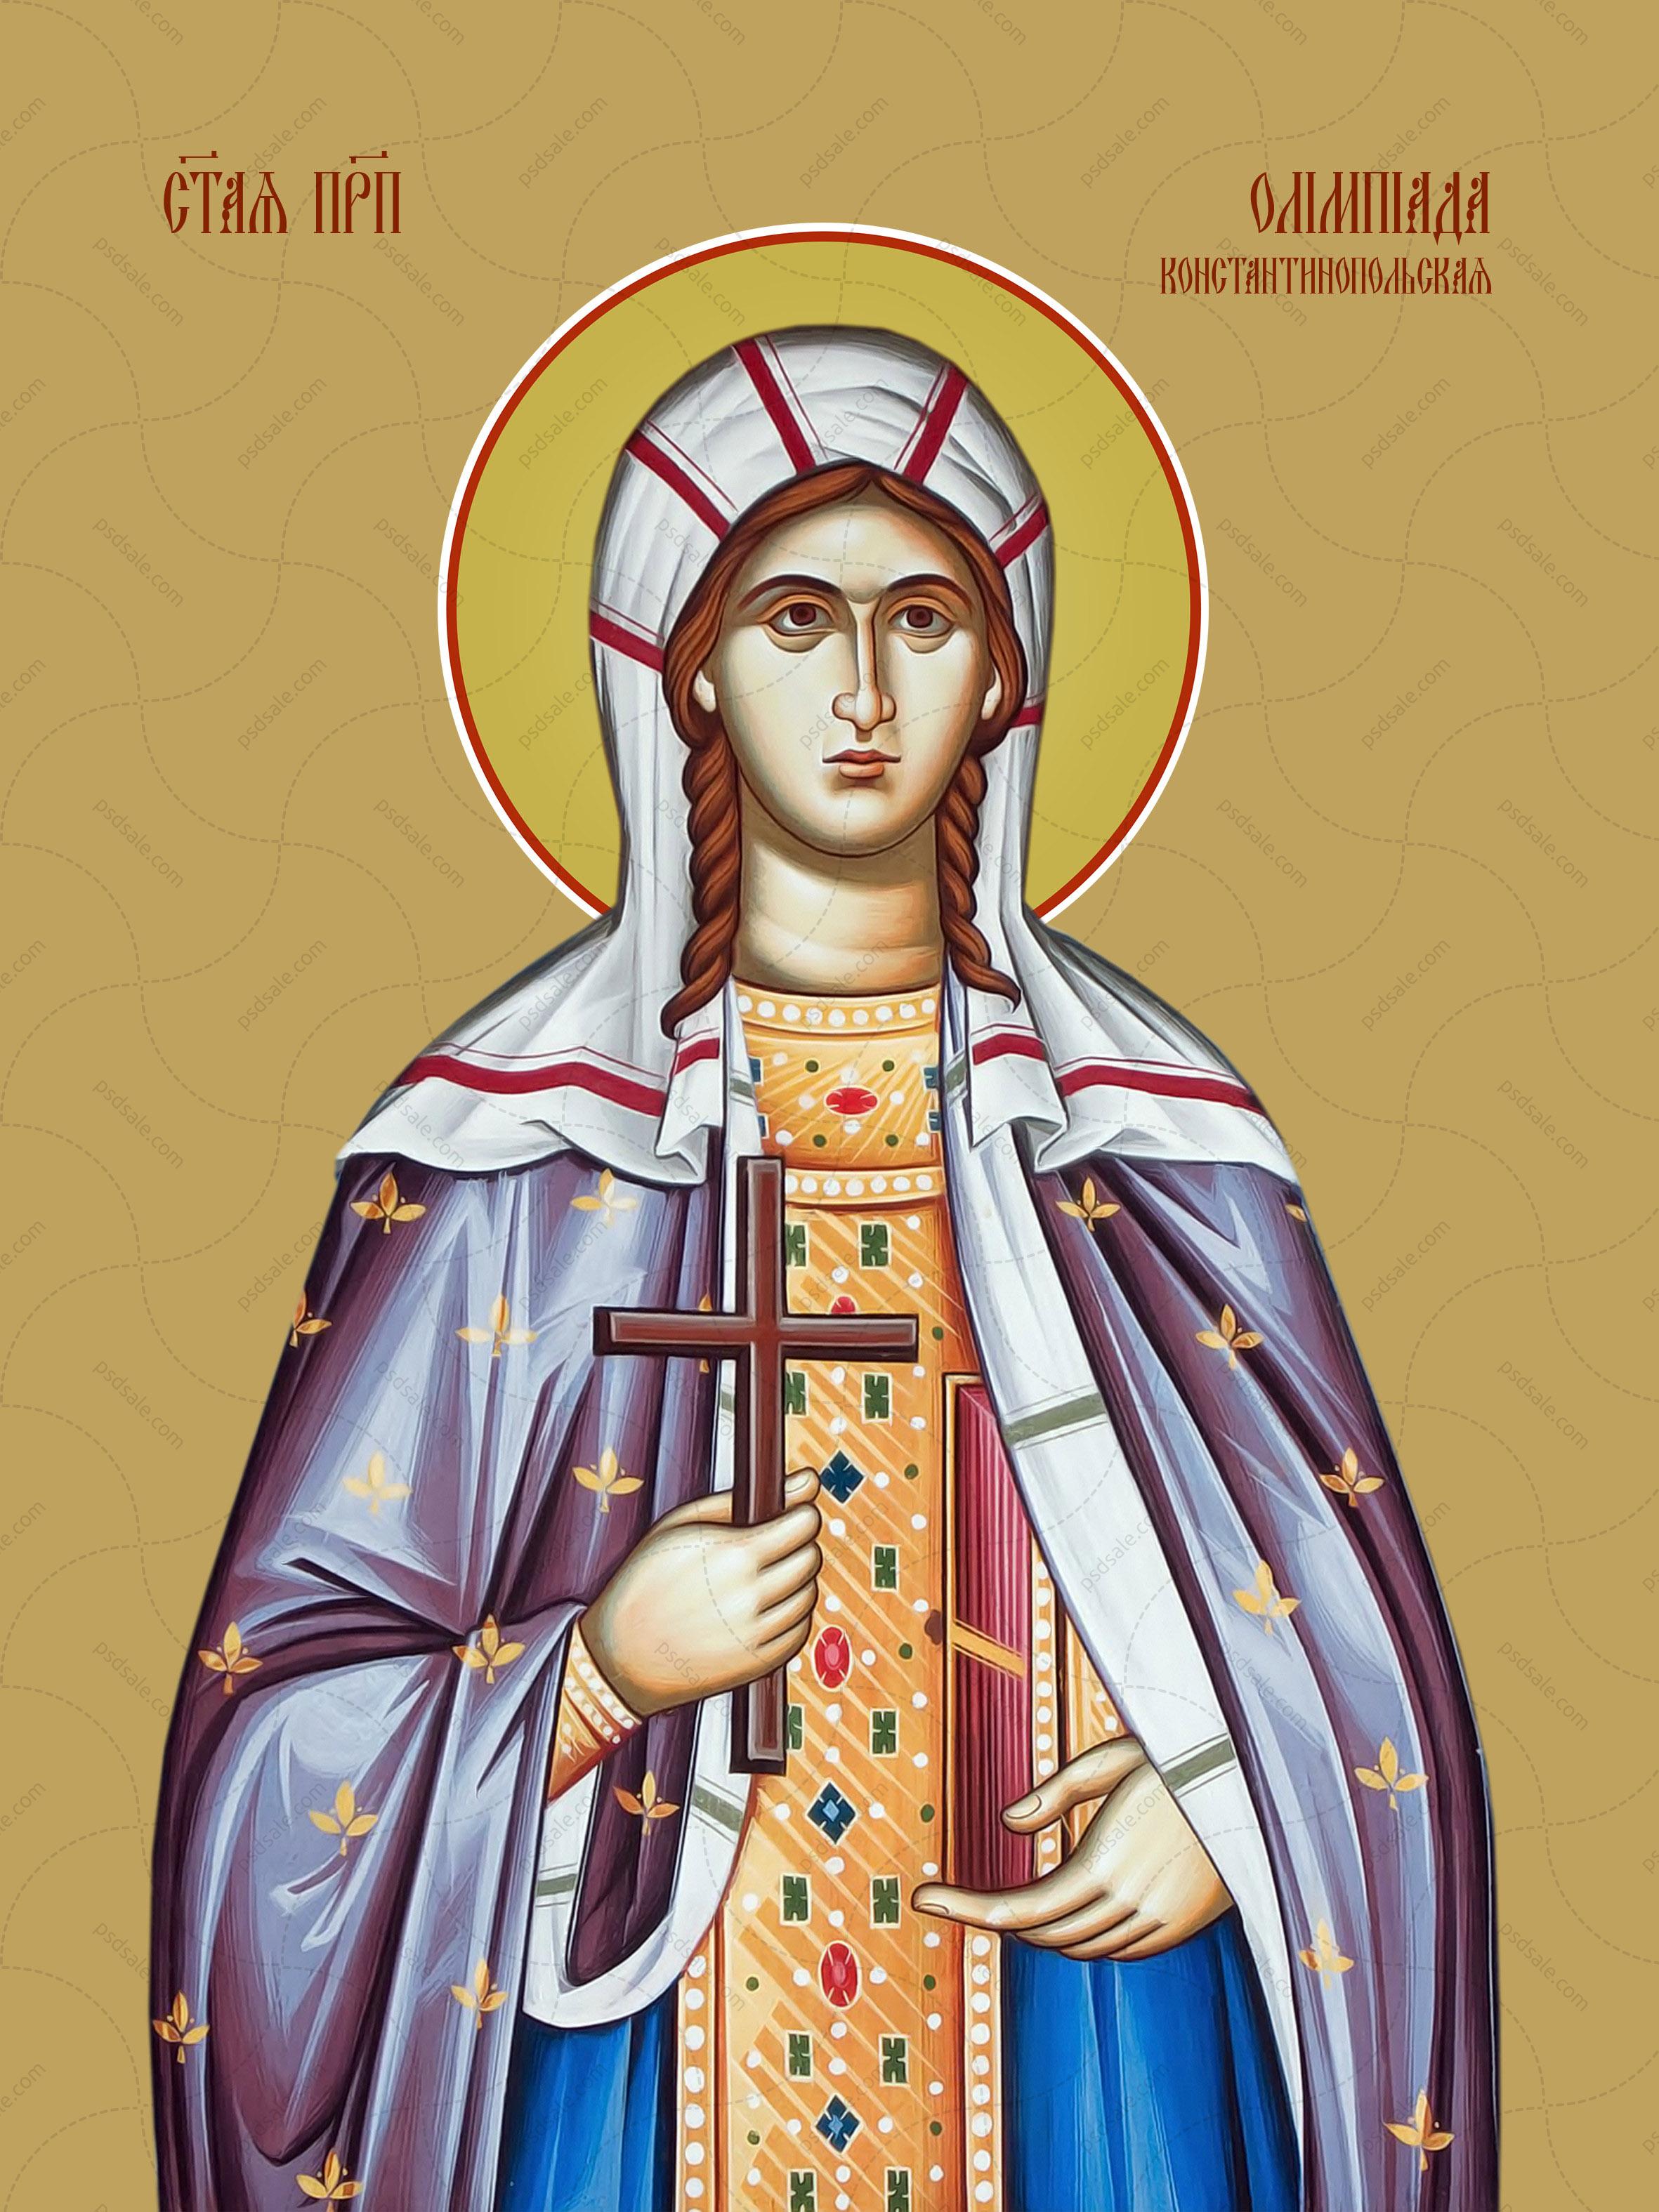 Олимпиада Константинопольская, святая преподобная